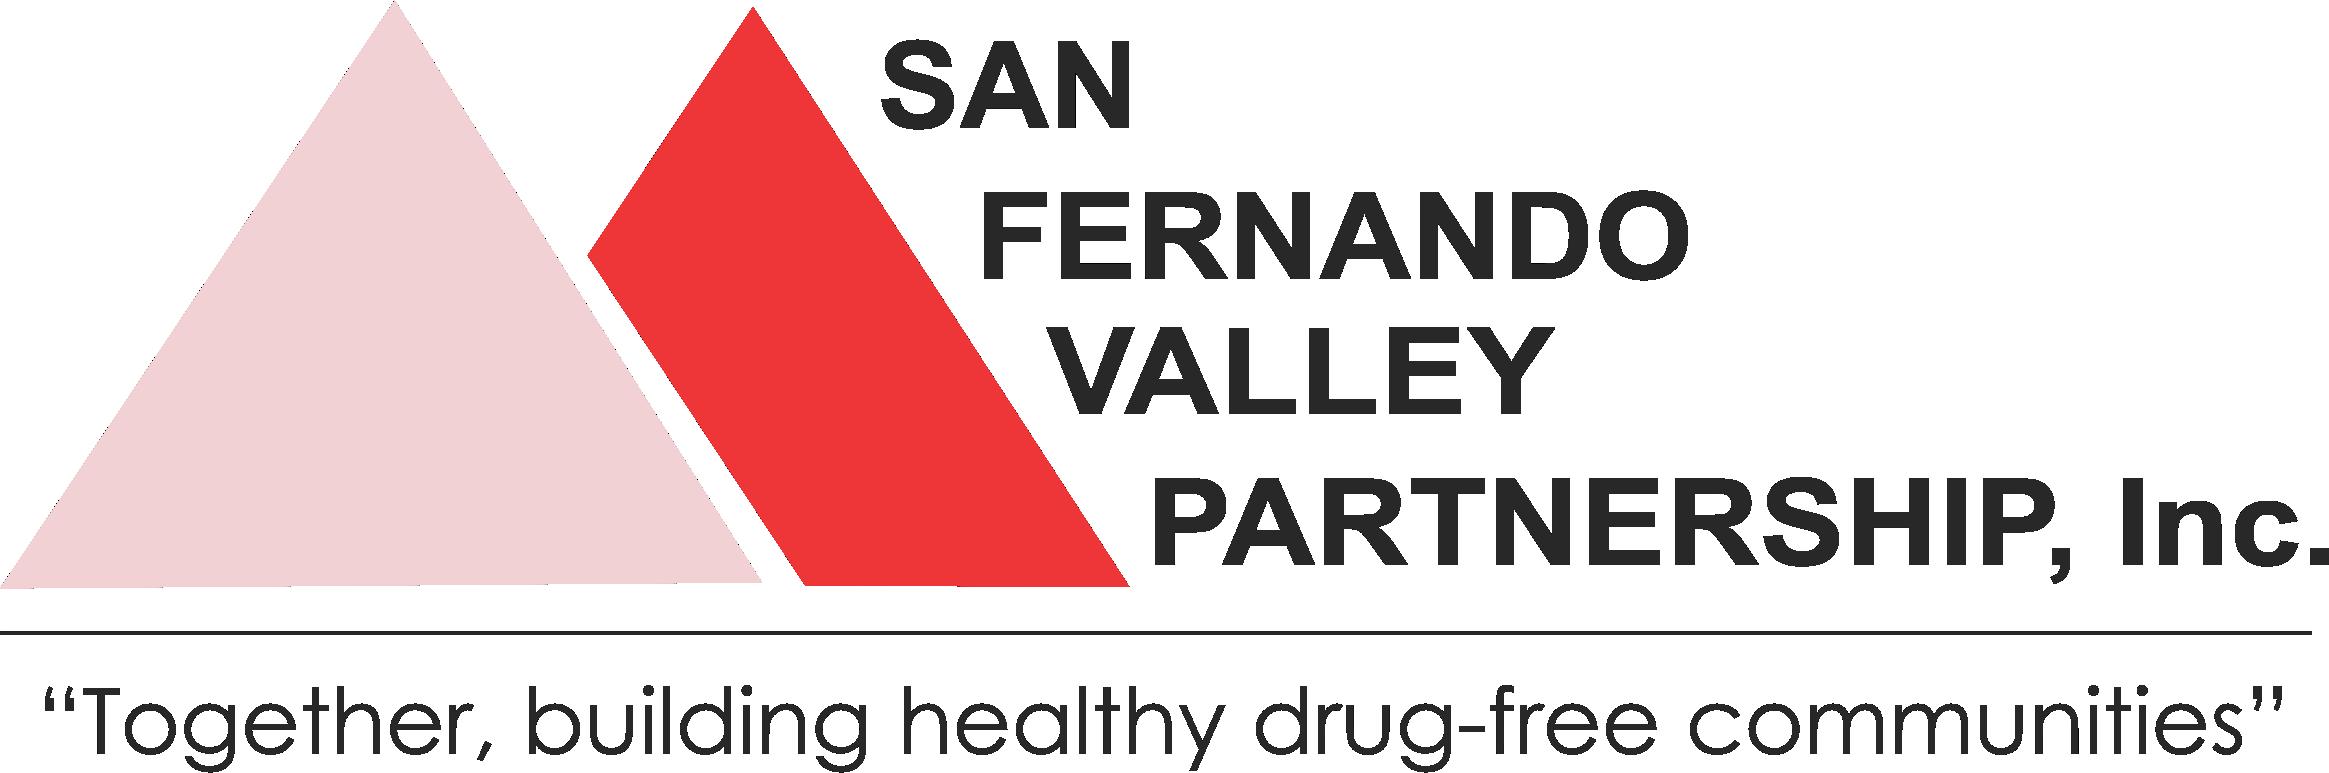 San Fernando Valley Partnership